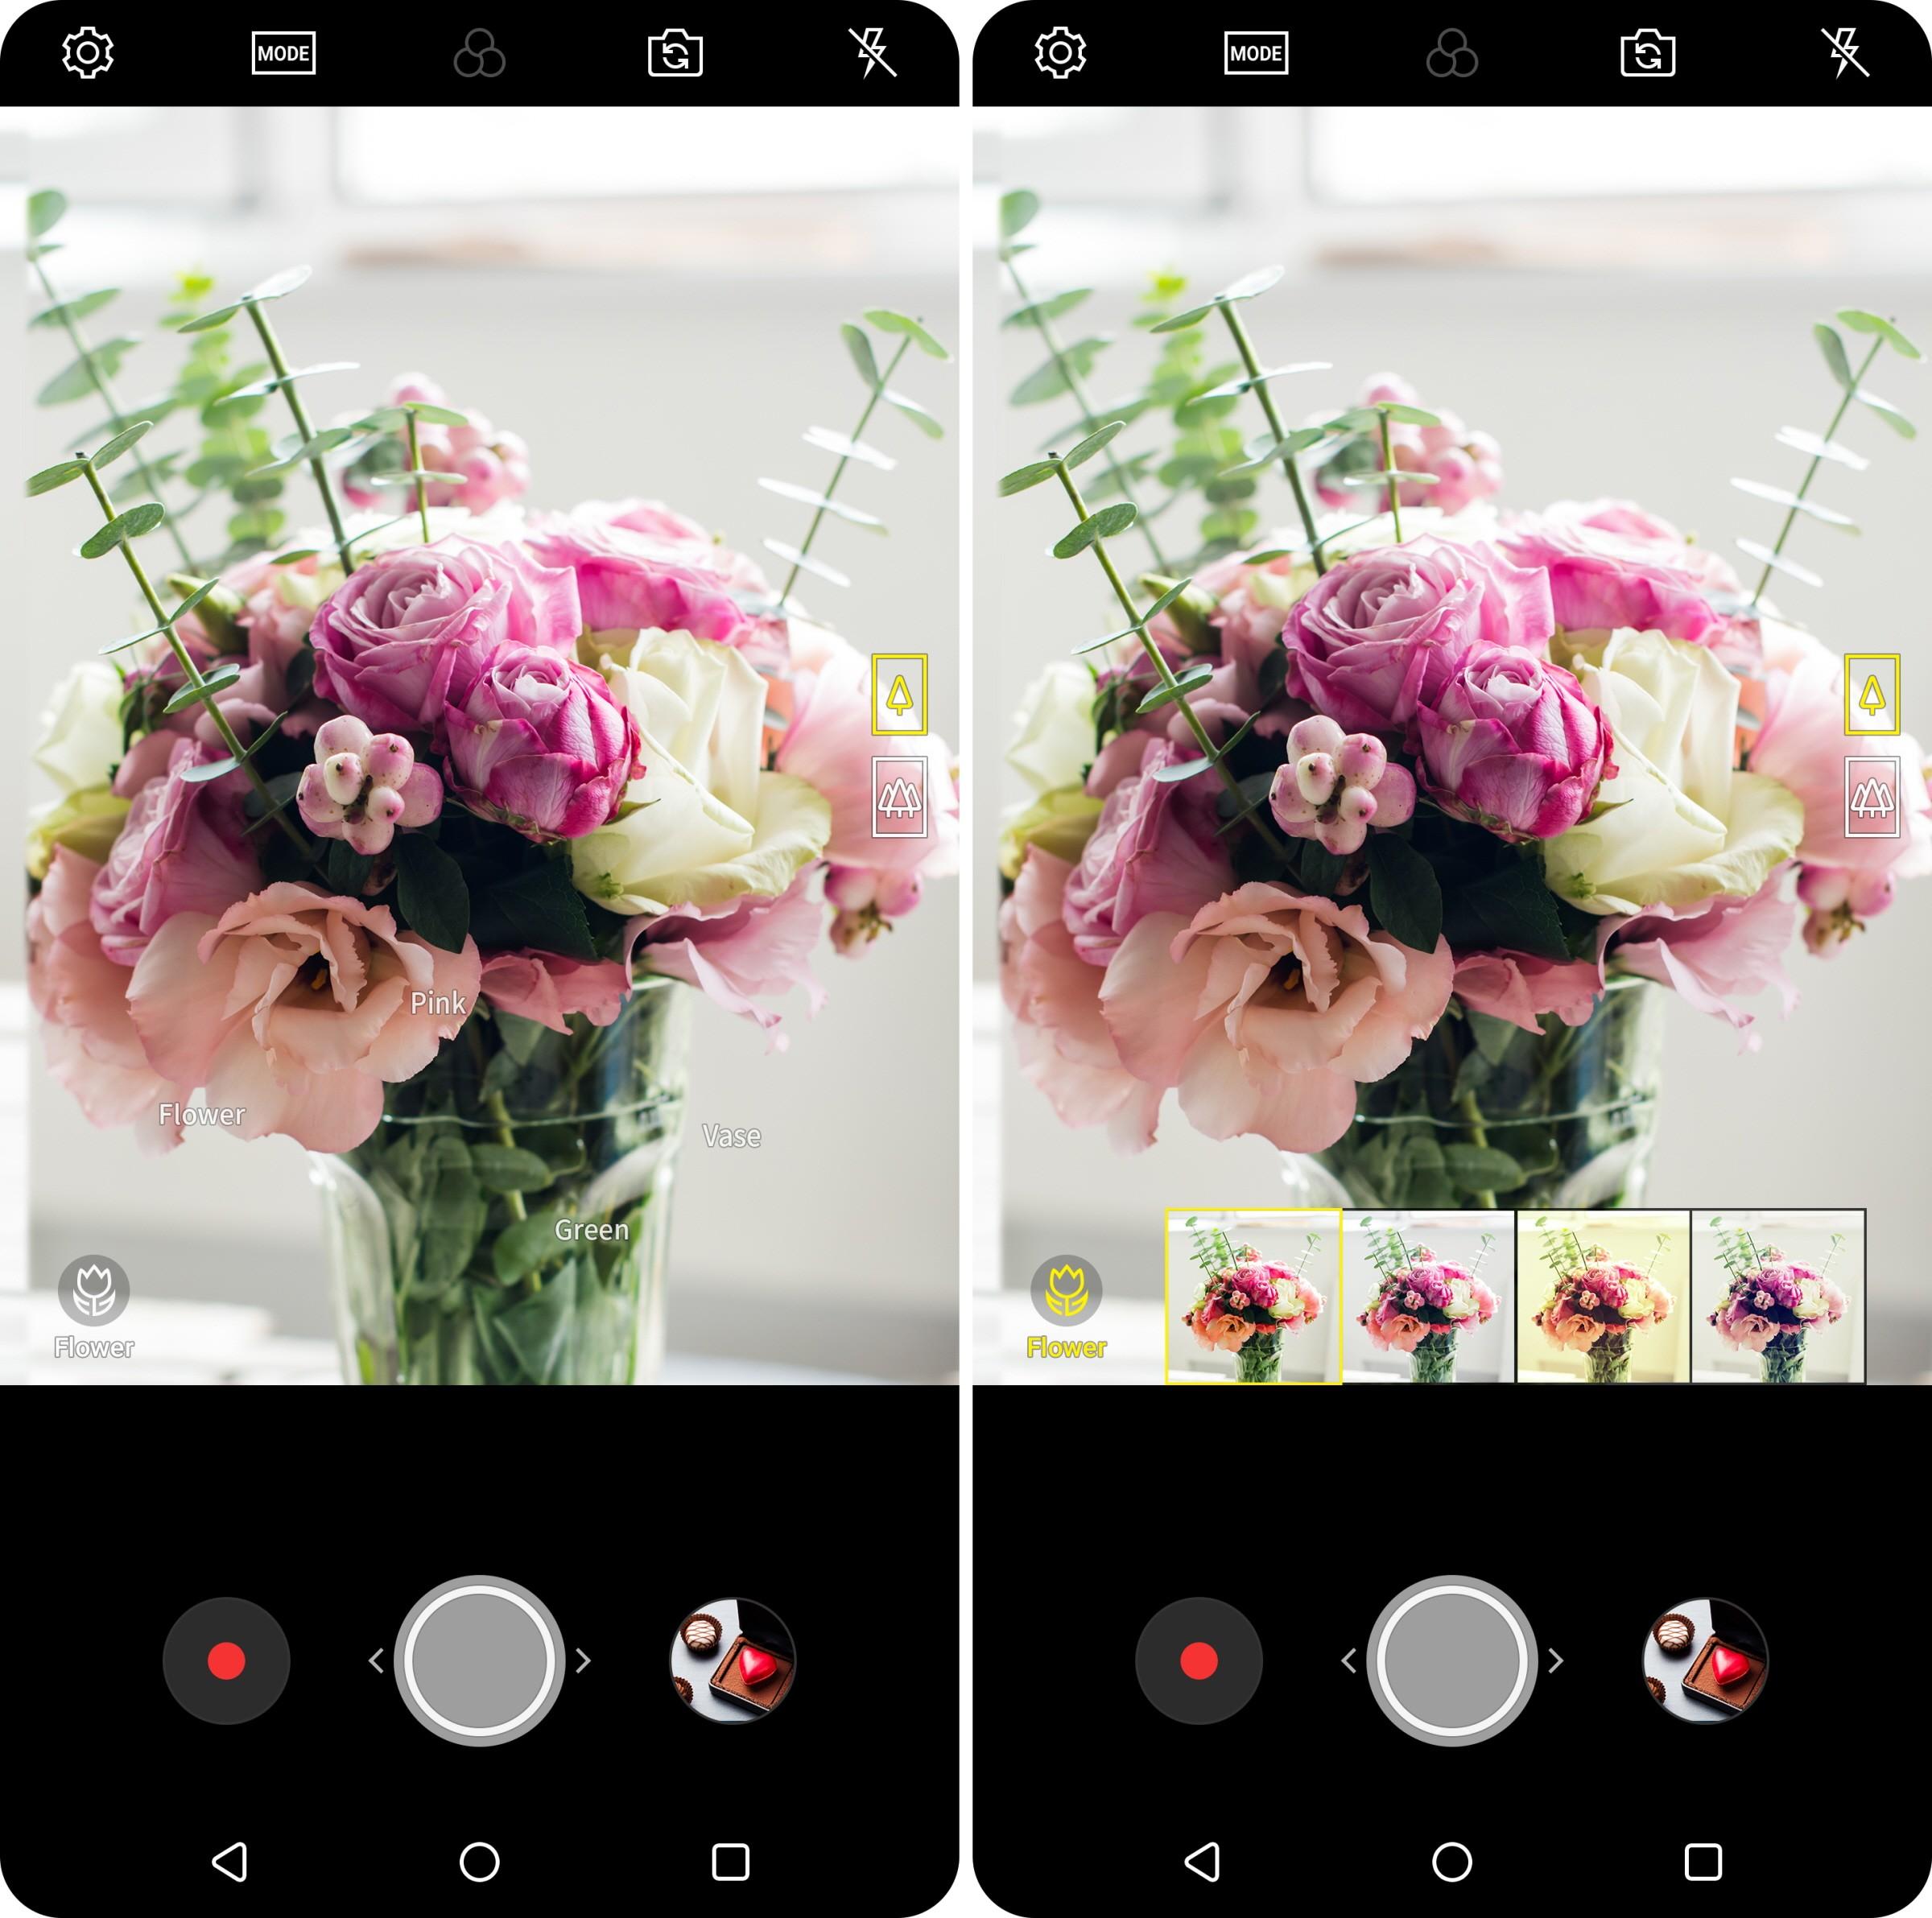 LG está cerca de presentar un smartphone con Inteligencia Artificial [FOTOS]